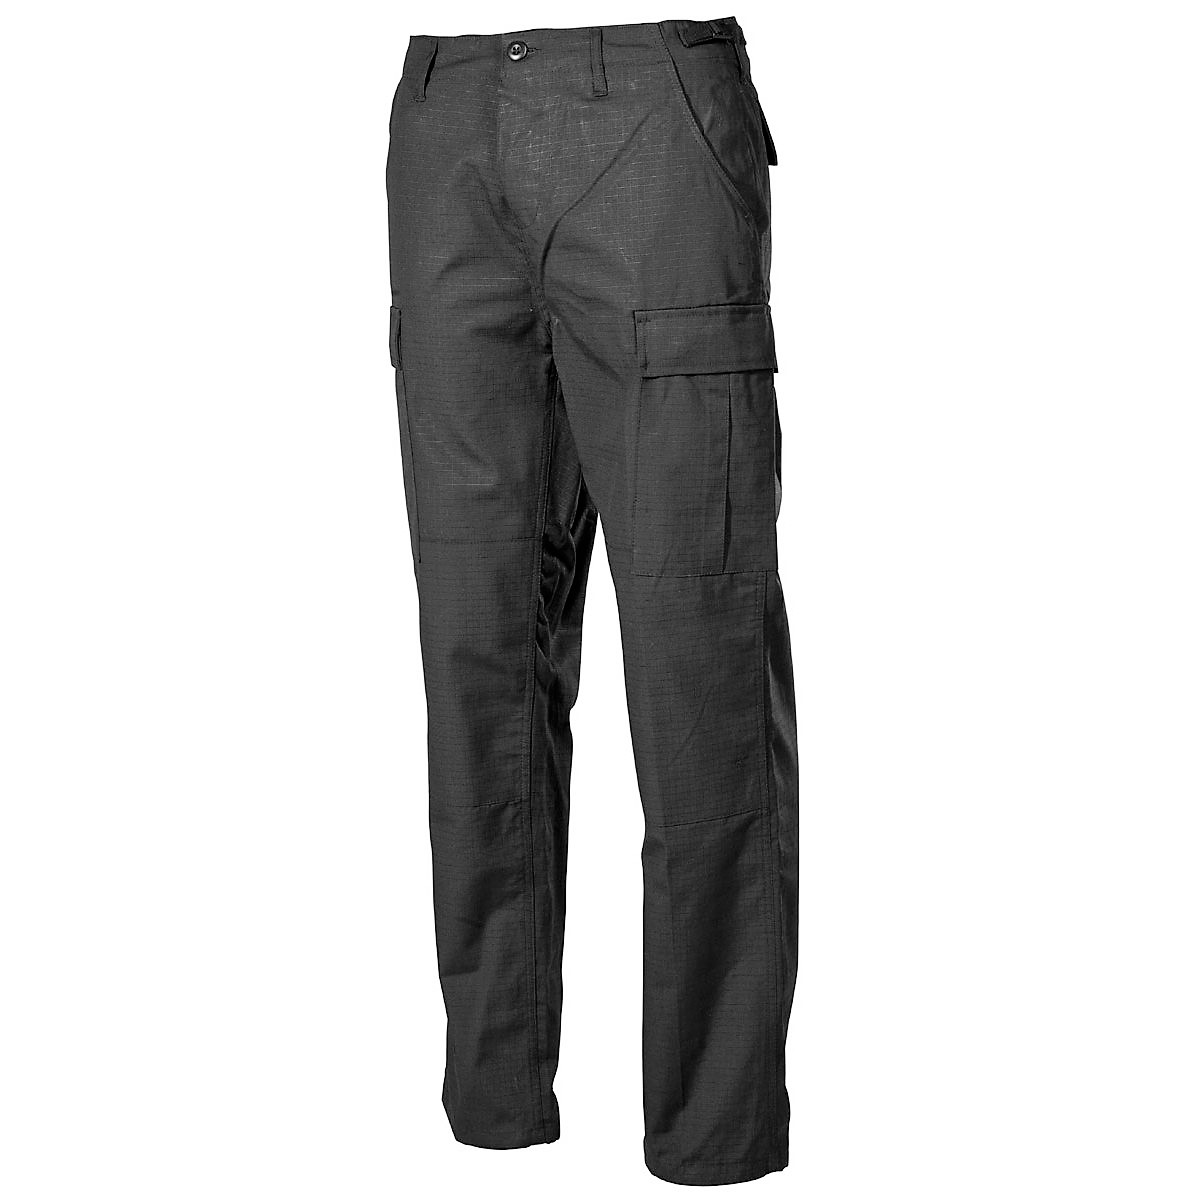 Kalhoty BDU černé ripstop MFH Vyberte velikost: 3XL